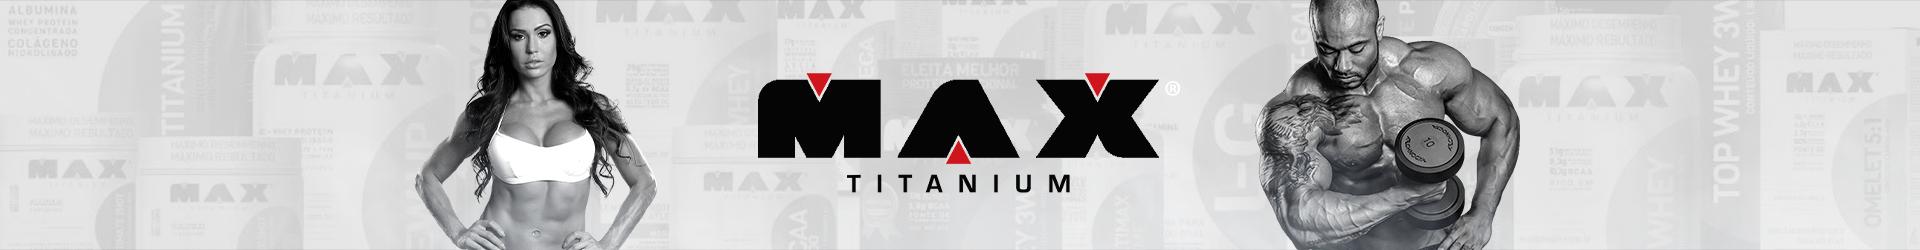 MARCA - Max Titanium